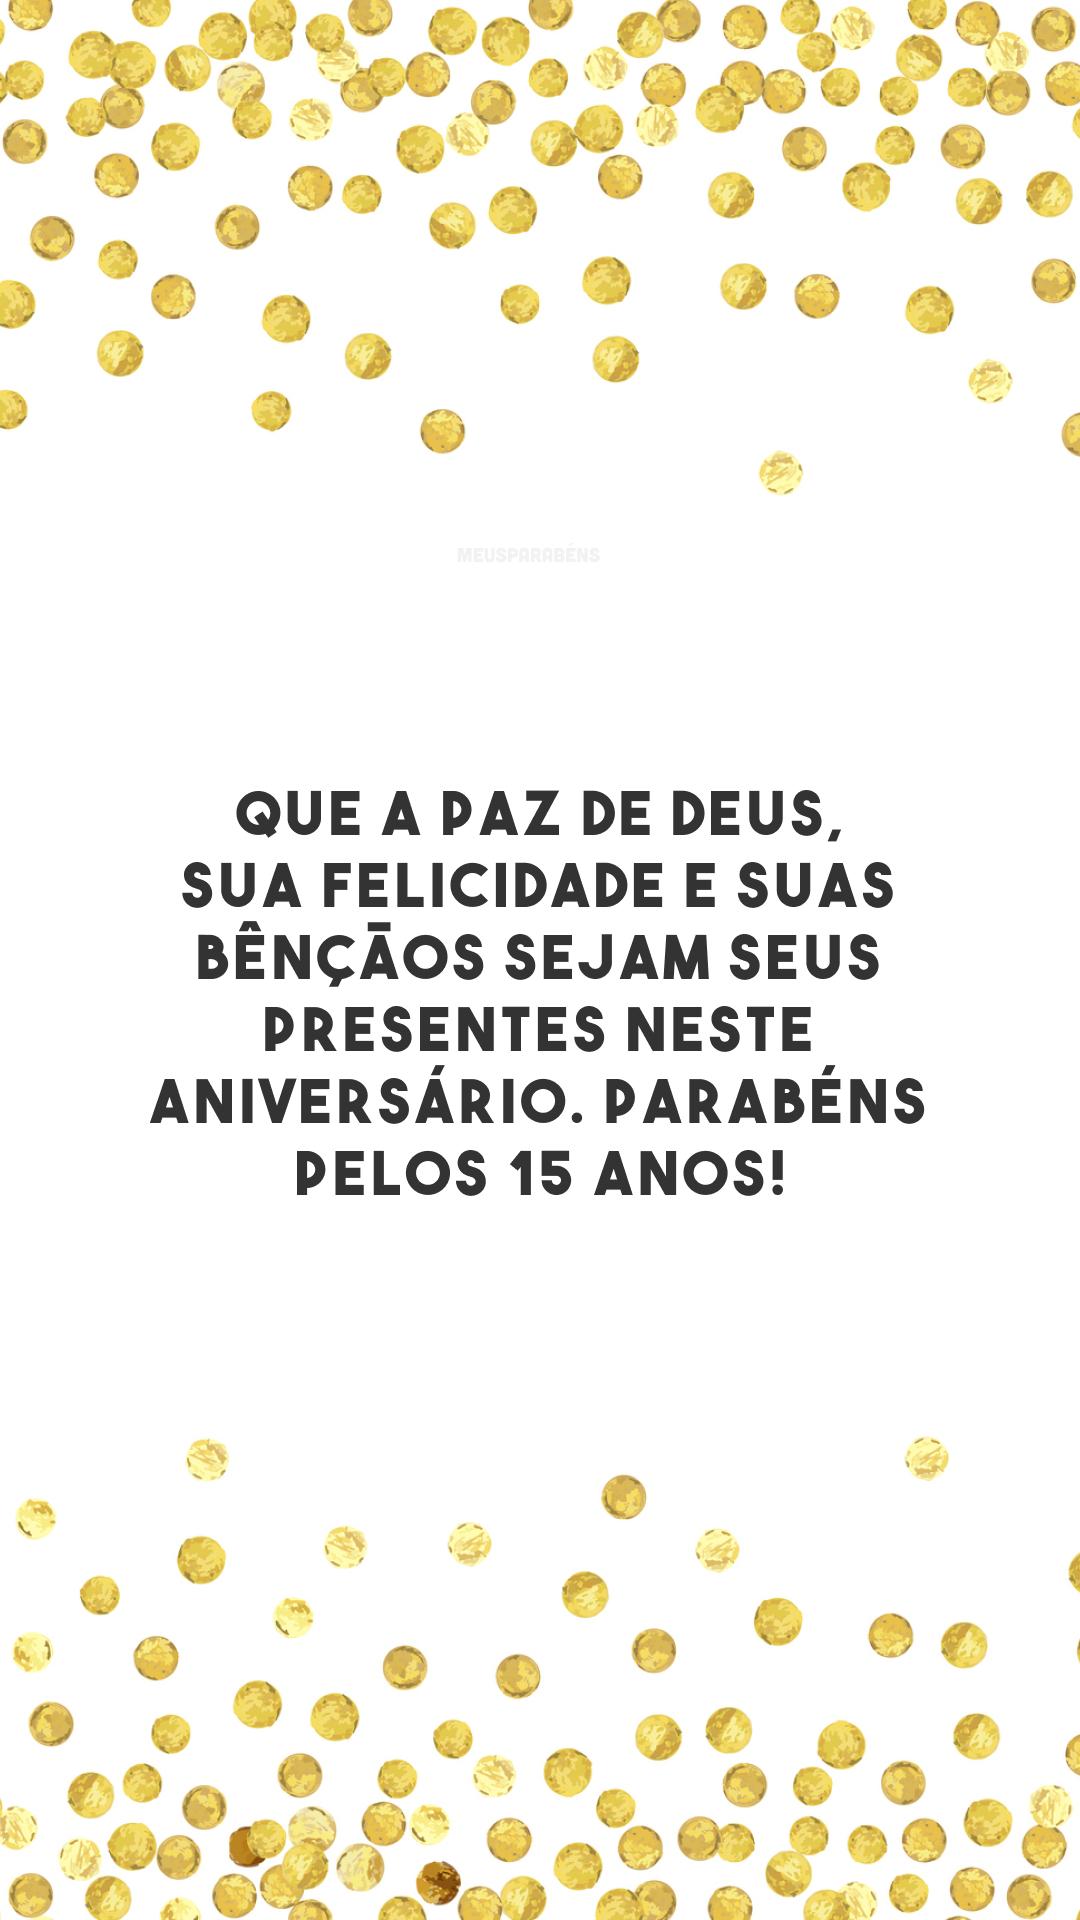 Que a paz de Deus, sua felicidade e suas bênçãos sejam seus presentes neste aniversário. Parabéns pelos 15 anos!